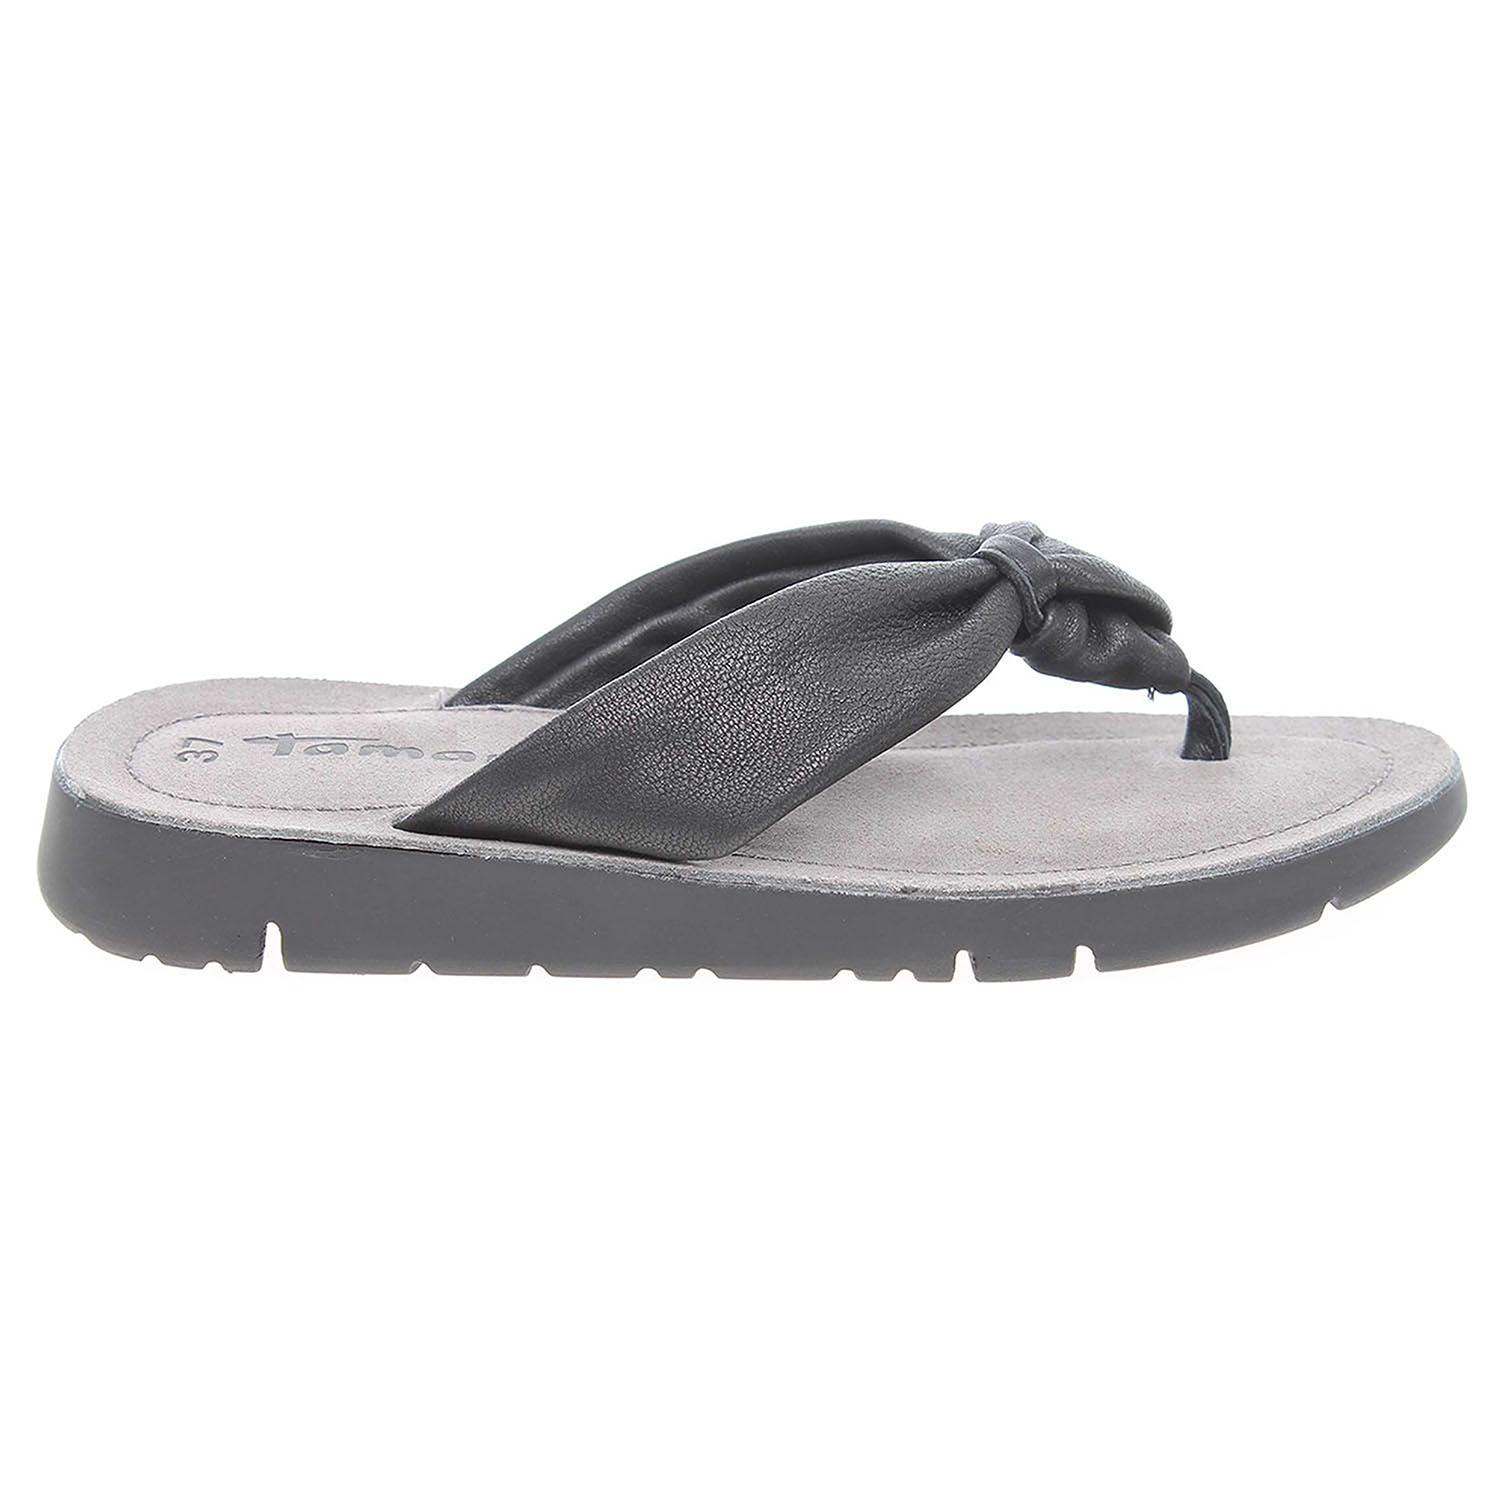 Ecco Tamaris dámské pantofle 1-27124-38 černé 23600805